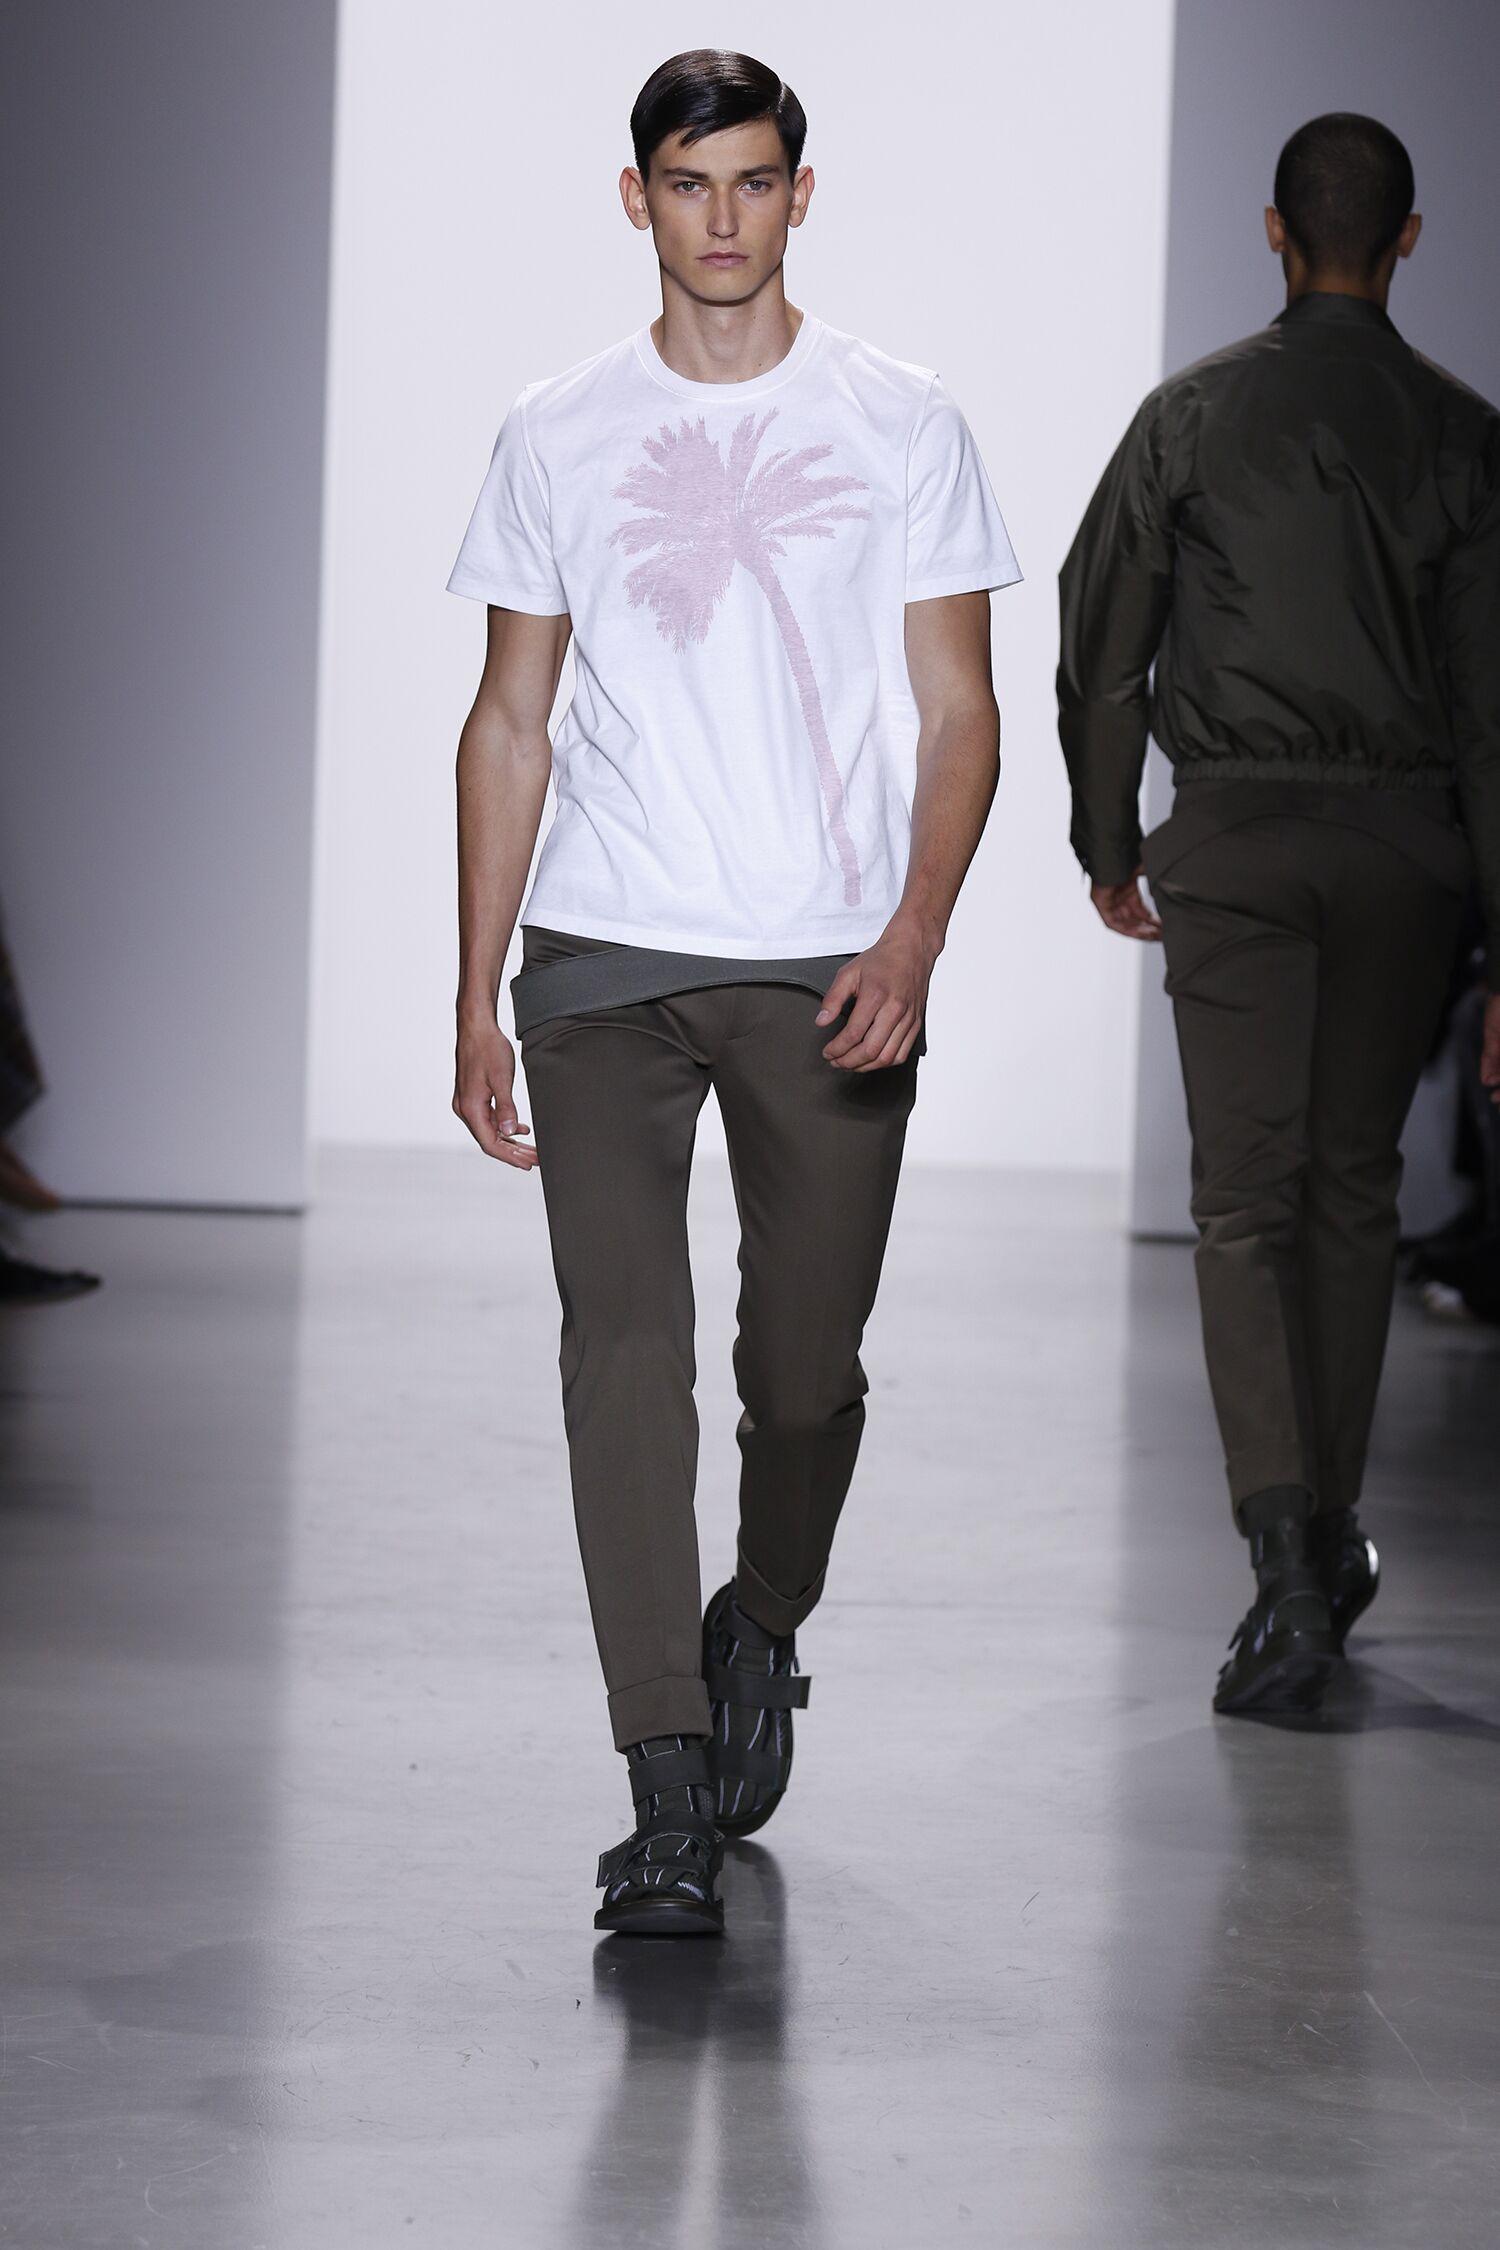 Calvin Klein Men's Collection 2016